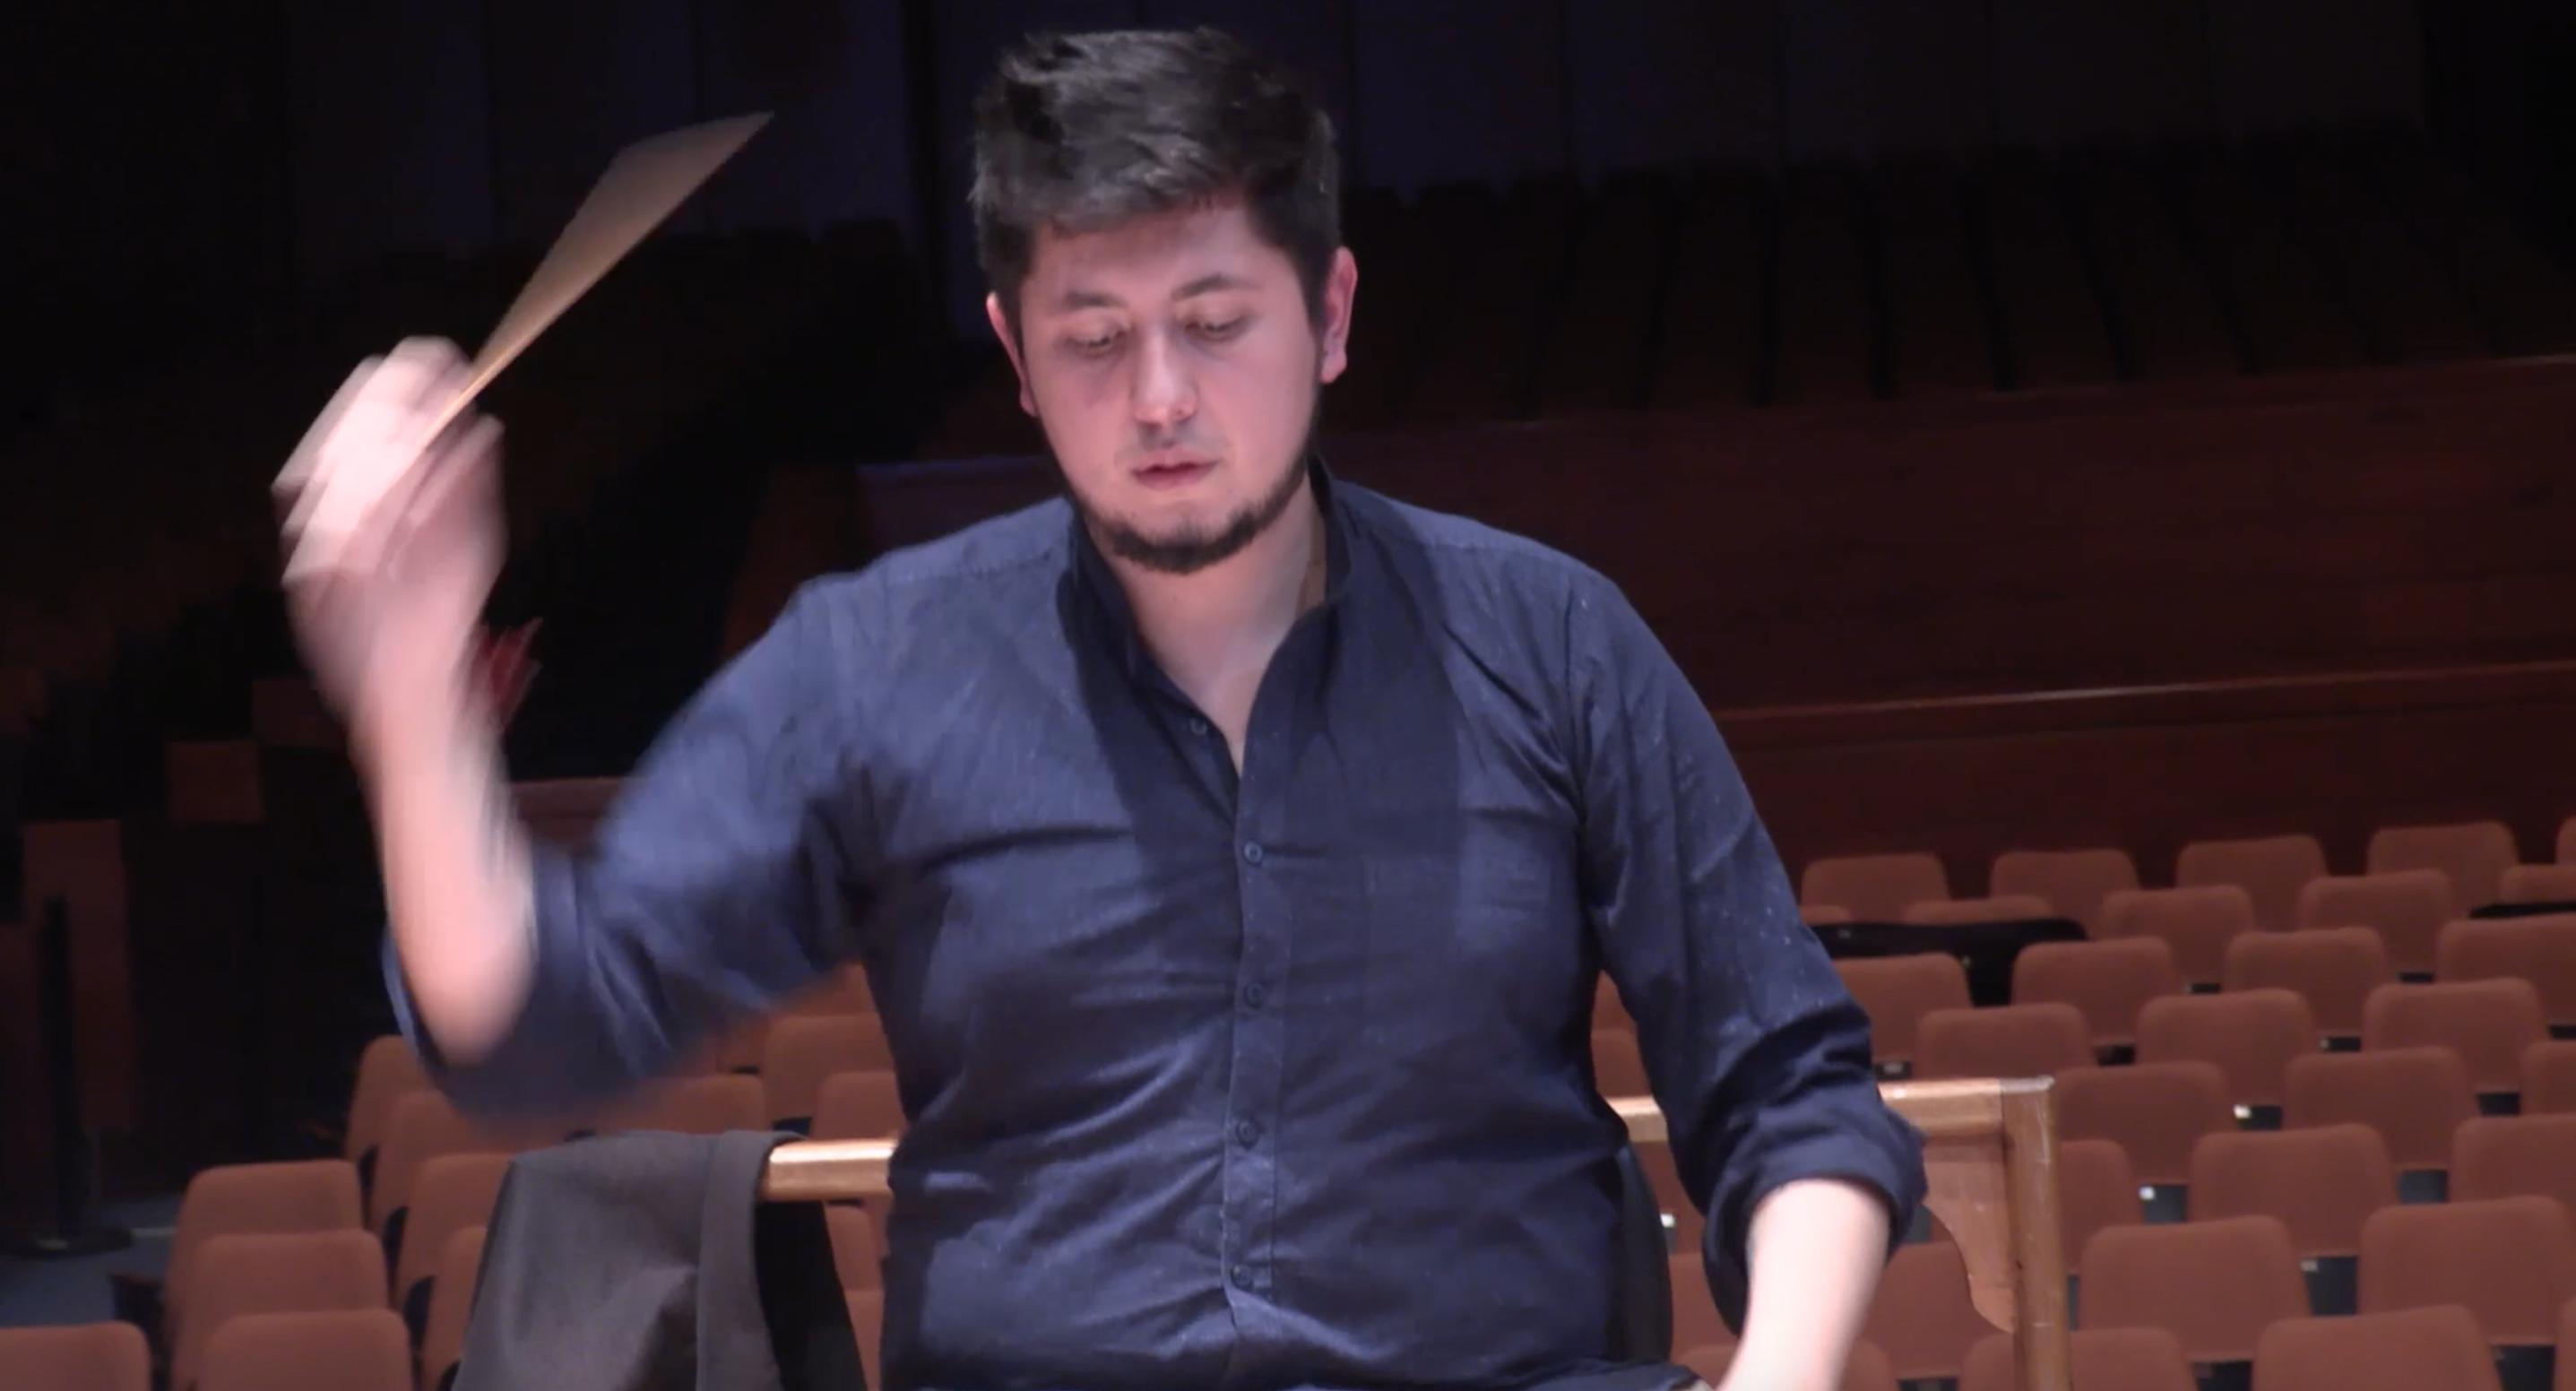 Orquesta A la Colombiana venezolanos colombianos proyecto ser humano David Reyes José David Rodríguez director